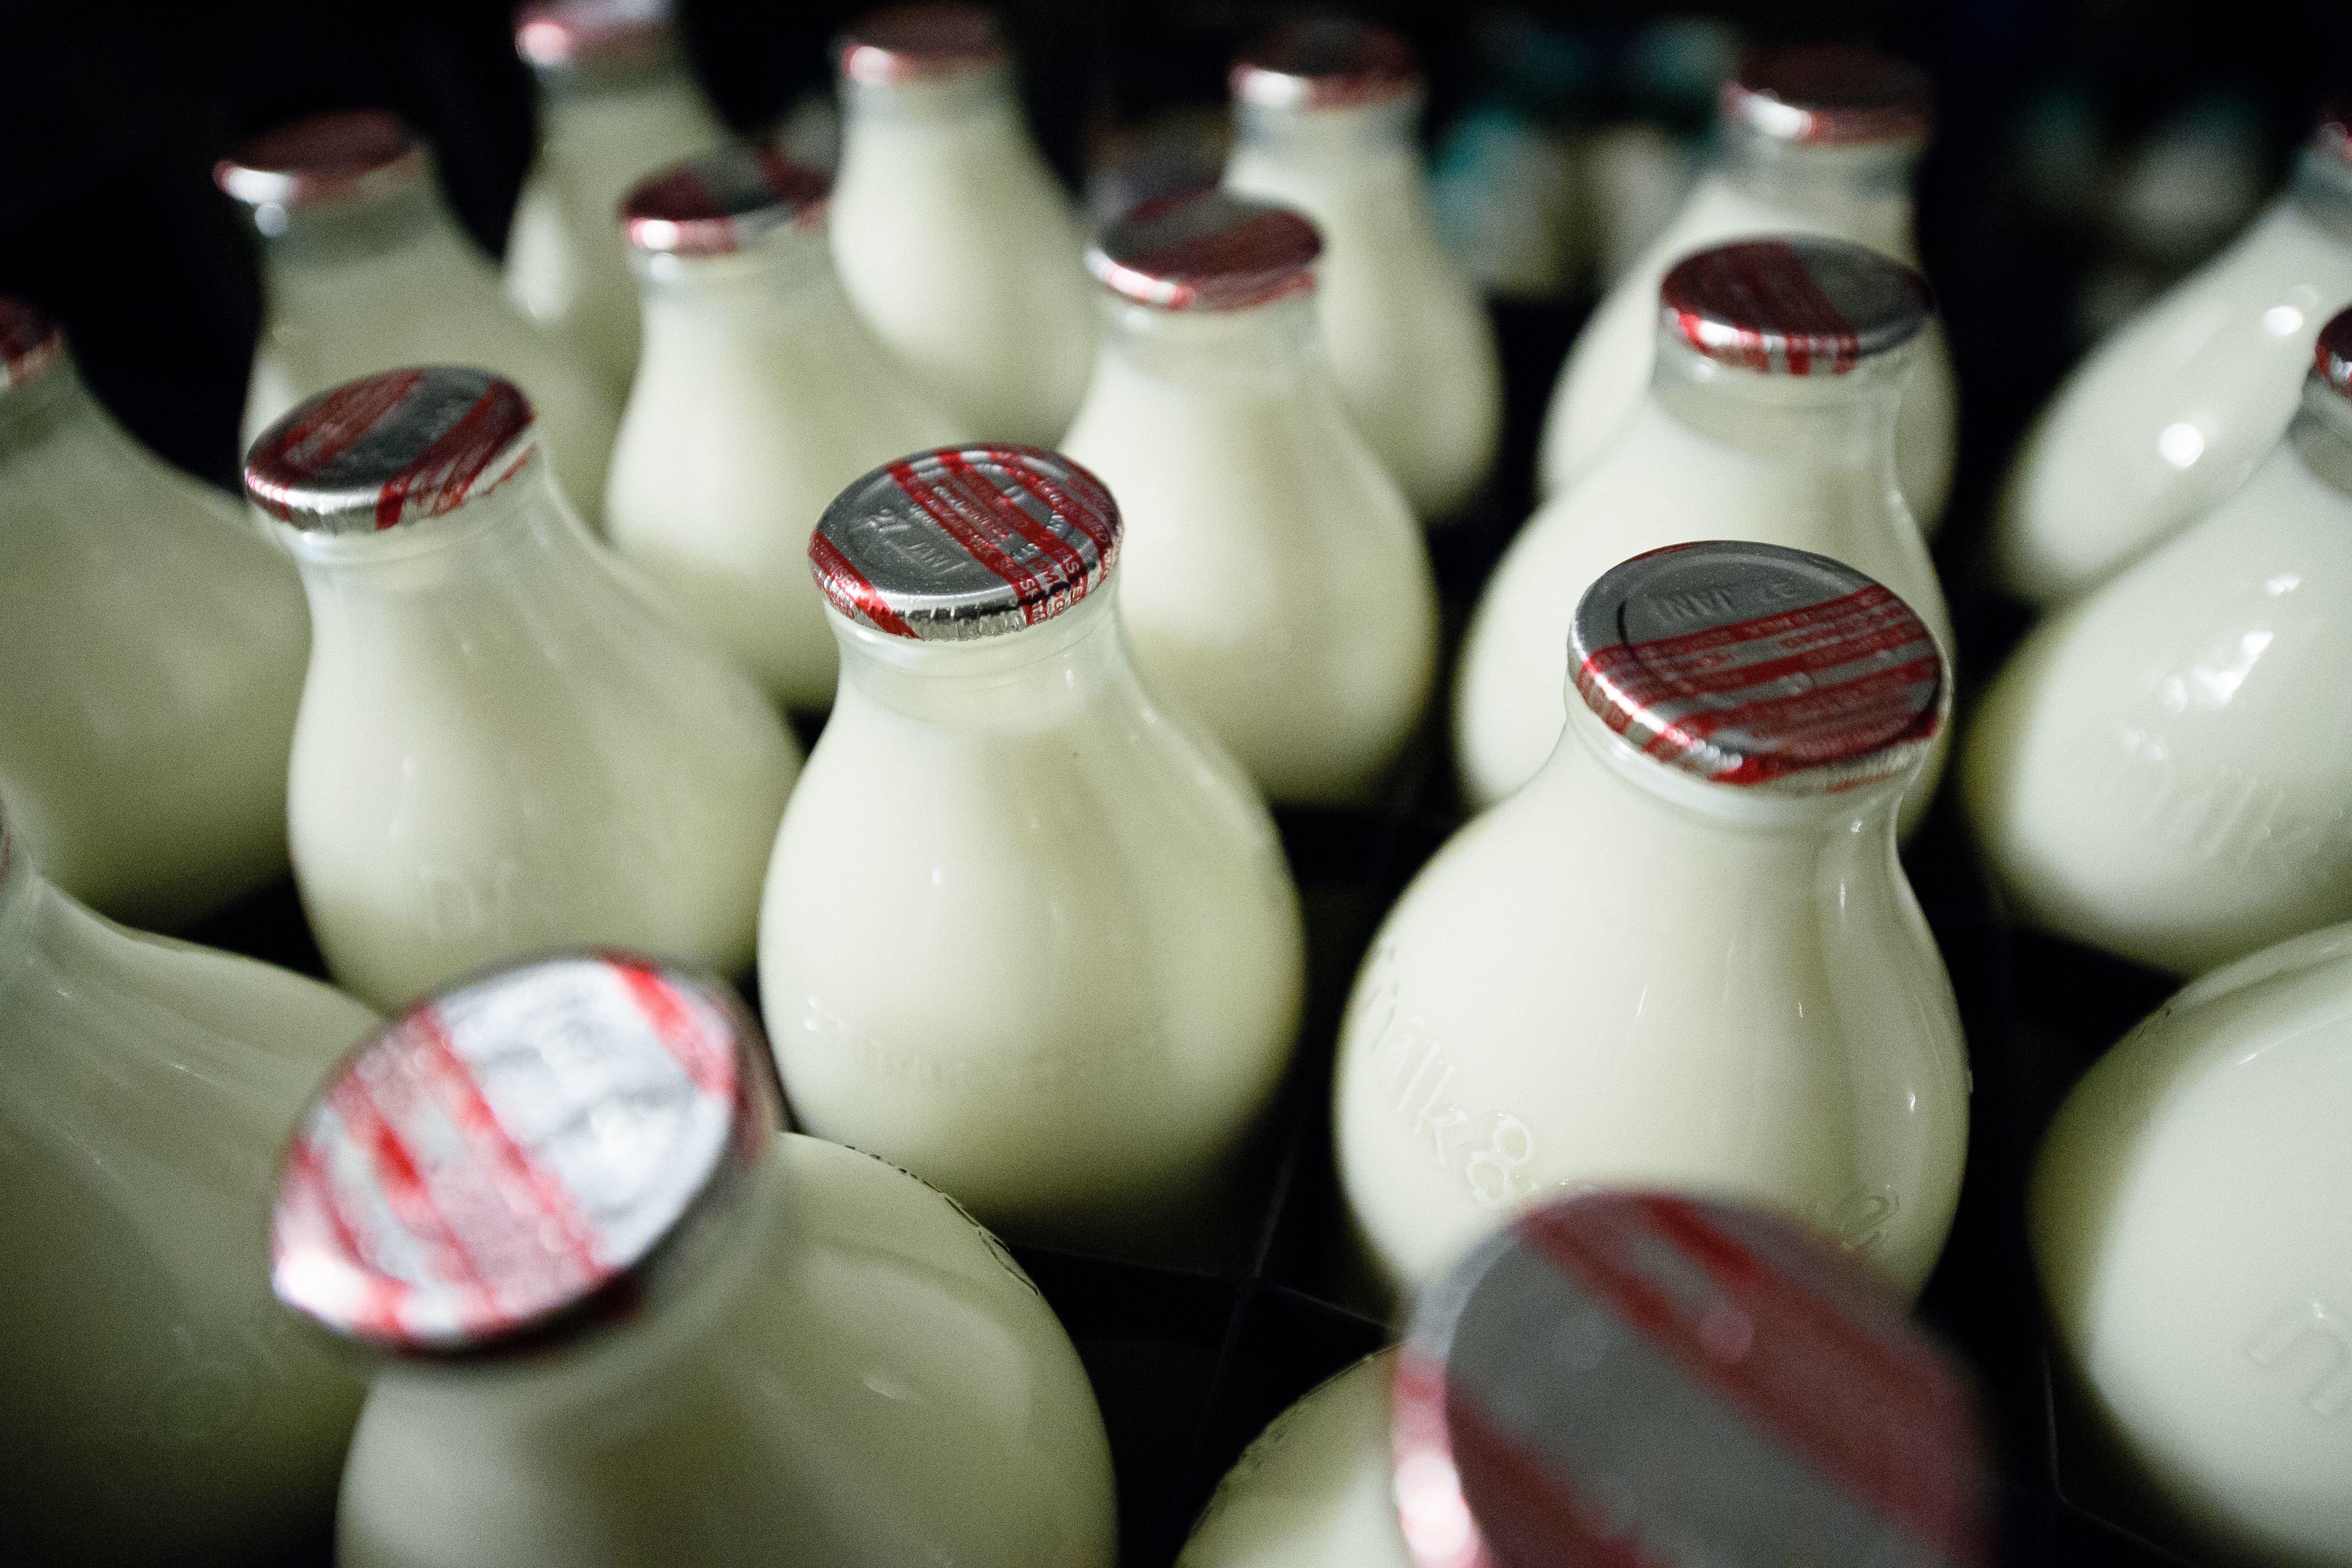 Τελικά τα γαλακτοκομικά χαμηλών λιπαρών είναι καλύτερα από τα πλήρη;